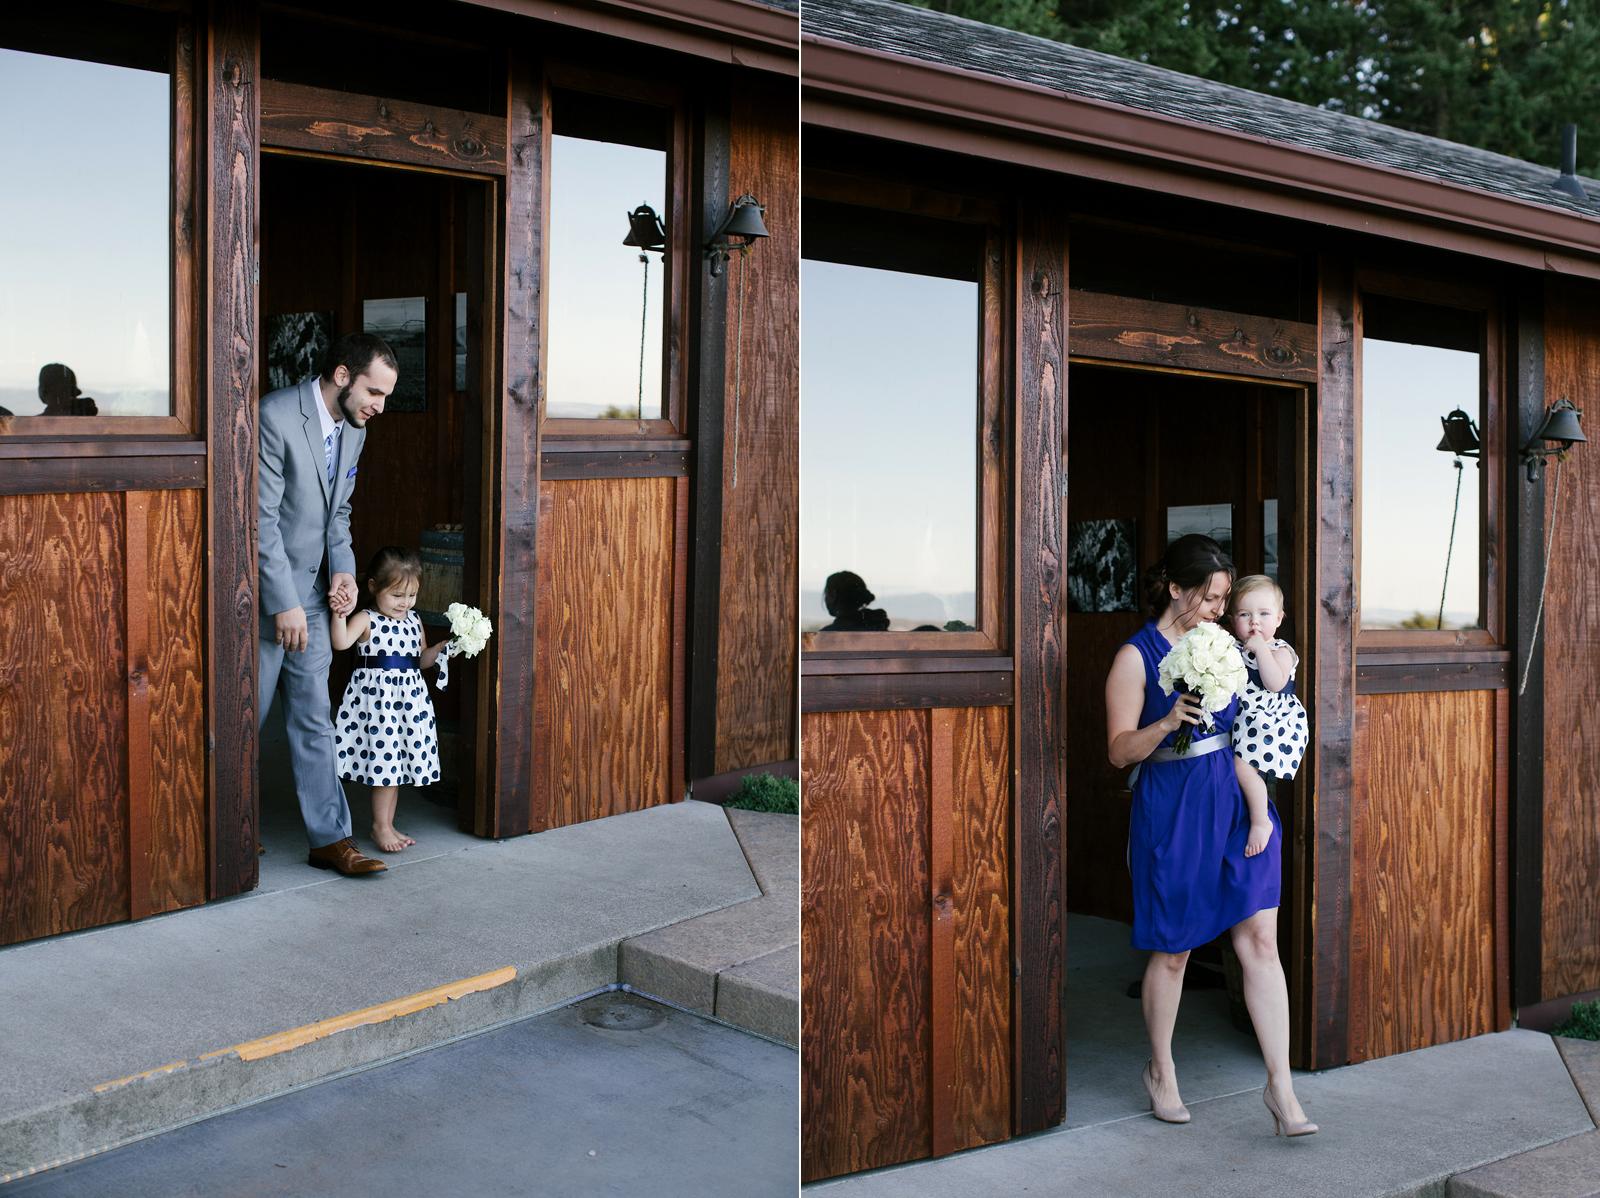 026-daronjackson-rich-wedding.jpg